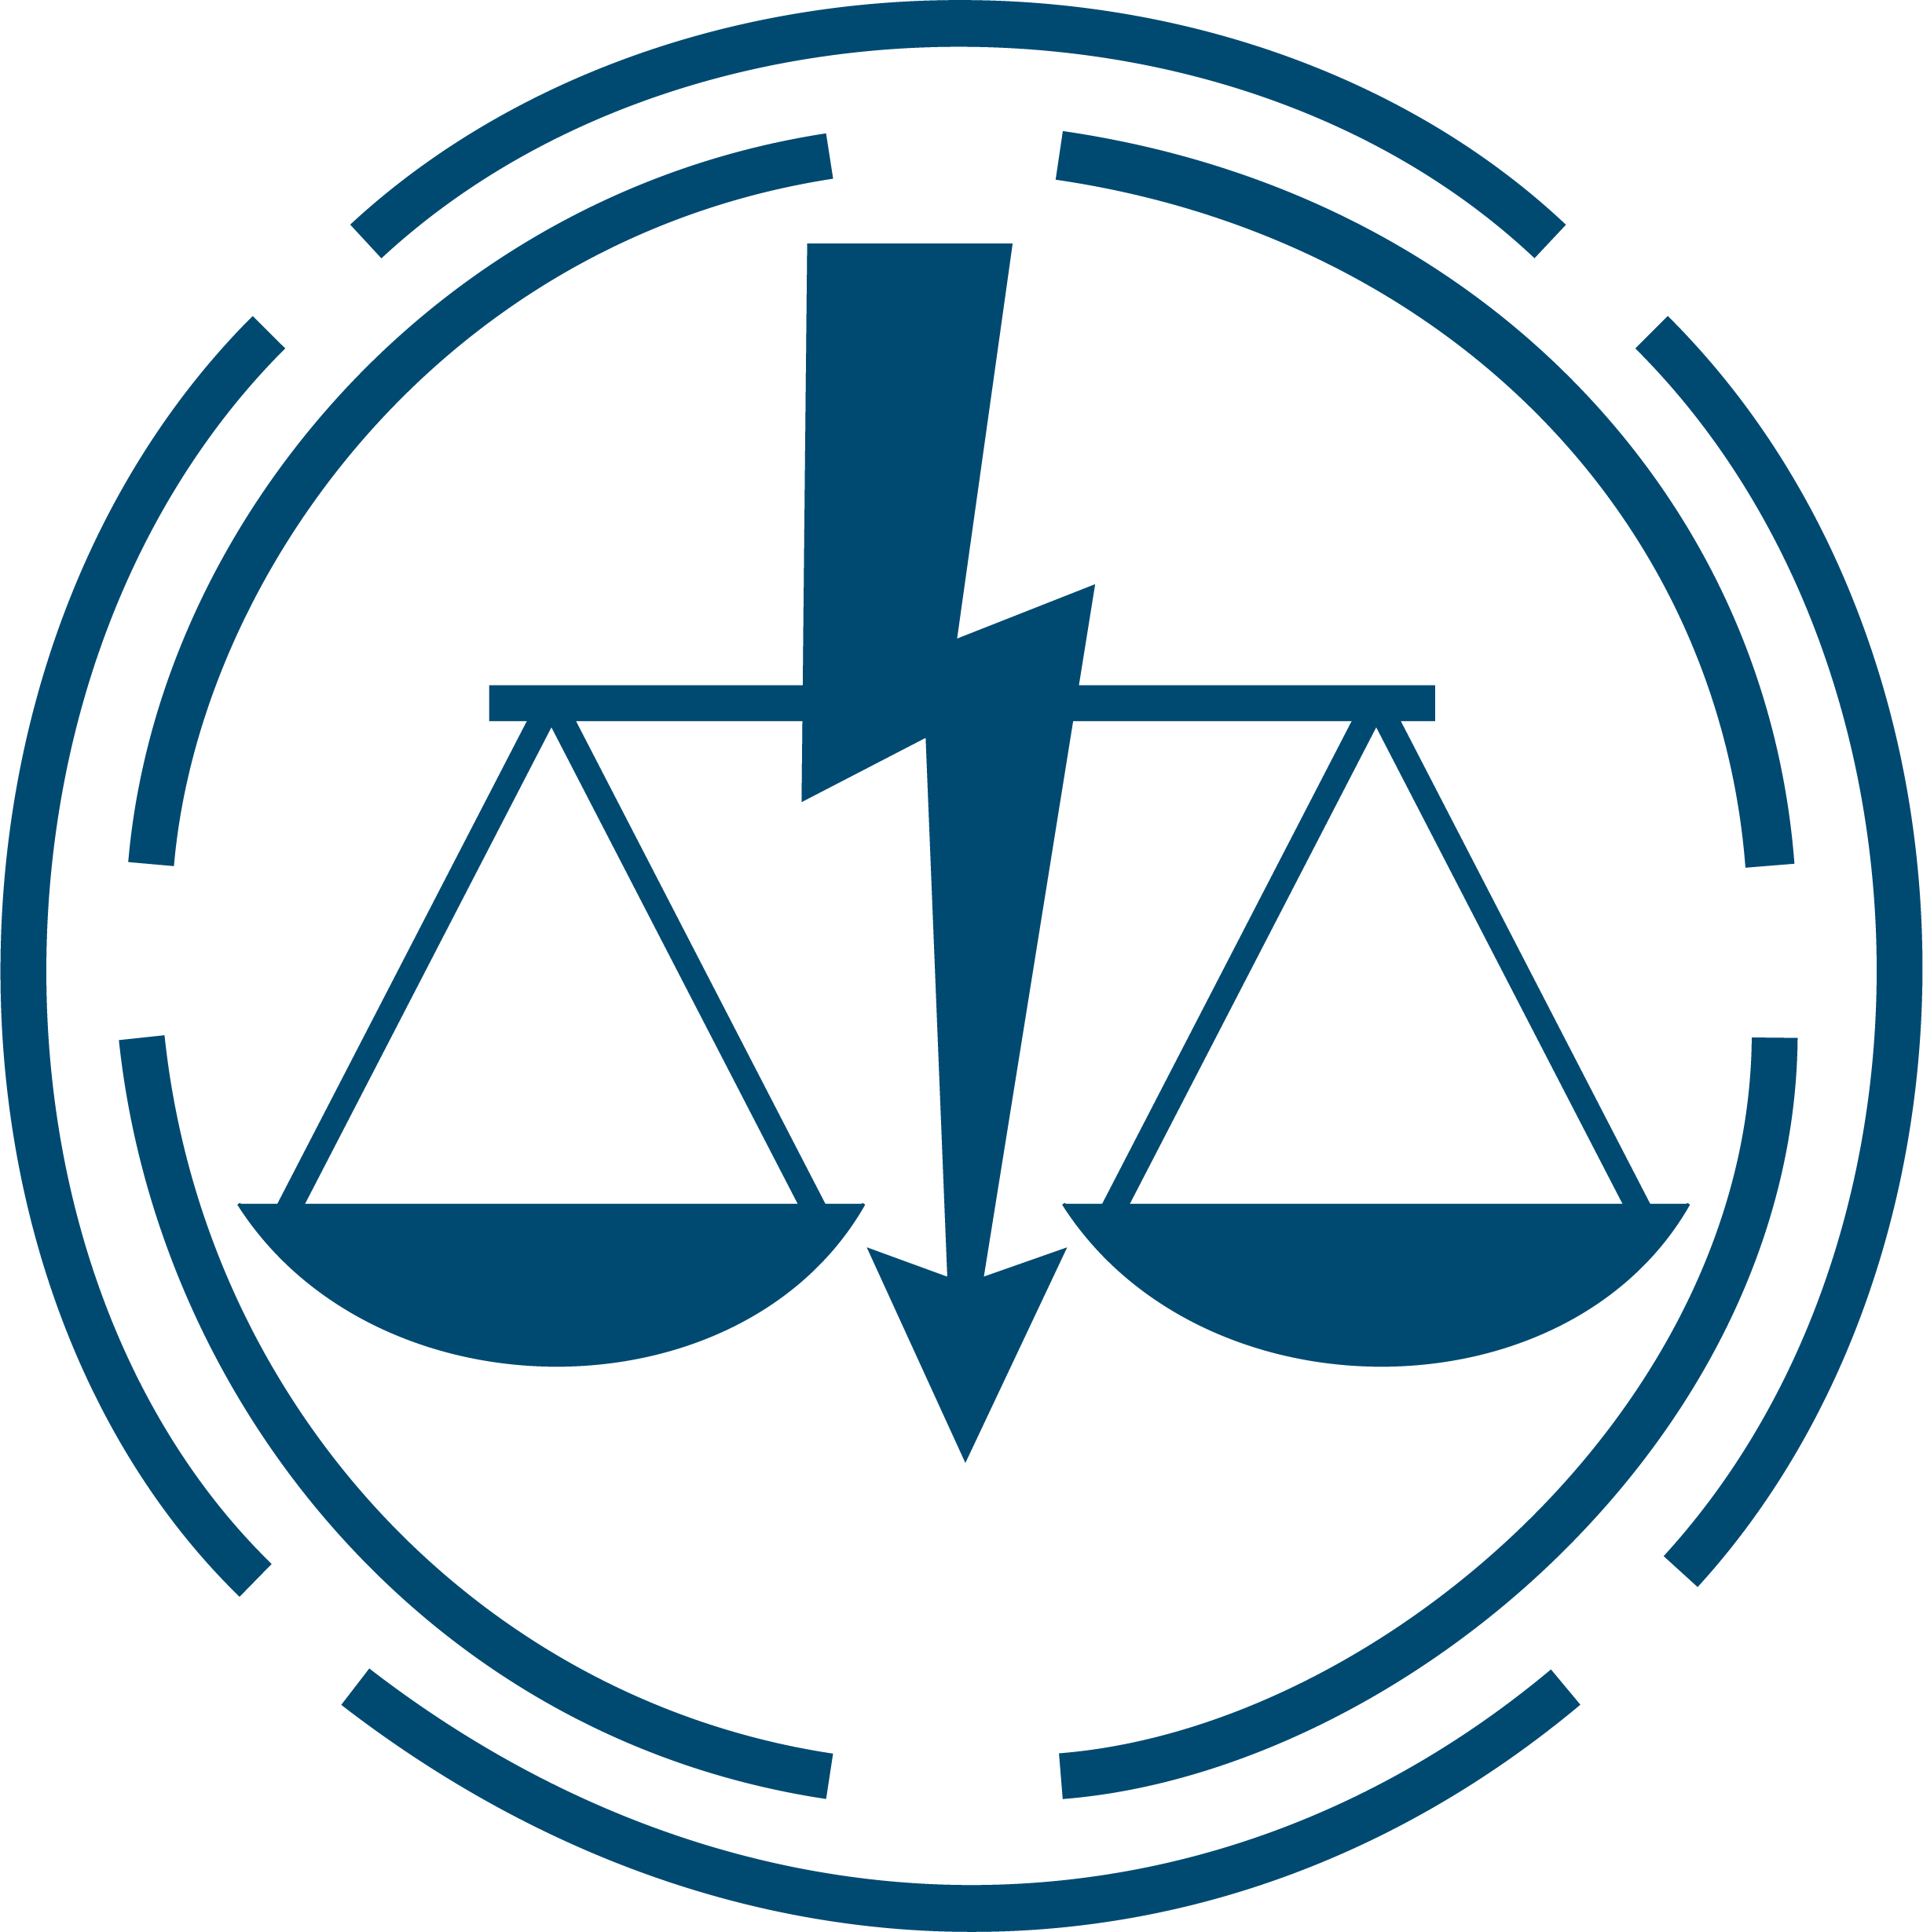 MASTERARBEIT: Gezielte Oberflächenfunktionalisierung von Aluminiumlegierungen für Luftfahrzeuge durch anodische Oxidation - Wehrwissenschaftliches Institut für Werk und Betriebsstoffe (WIWeB) - Logo